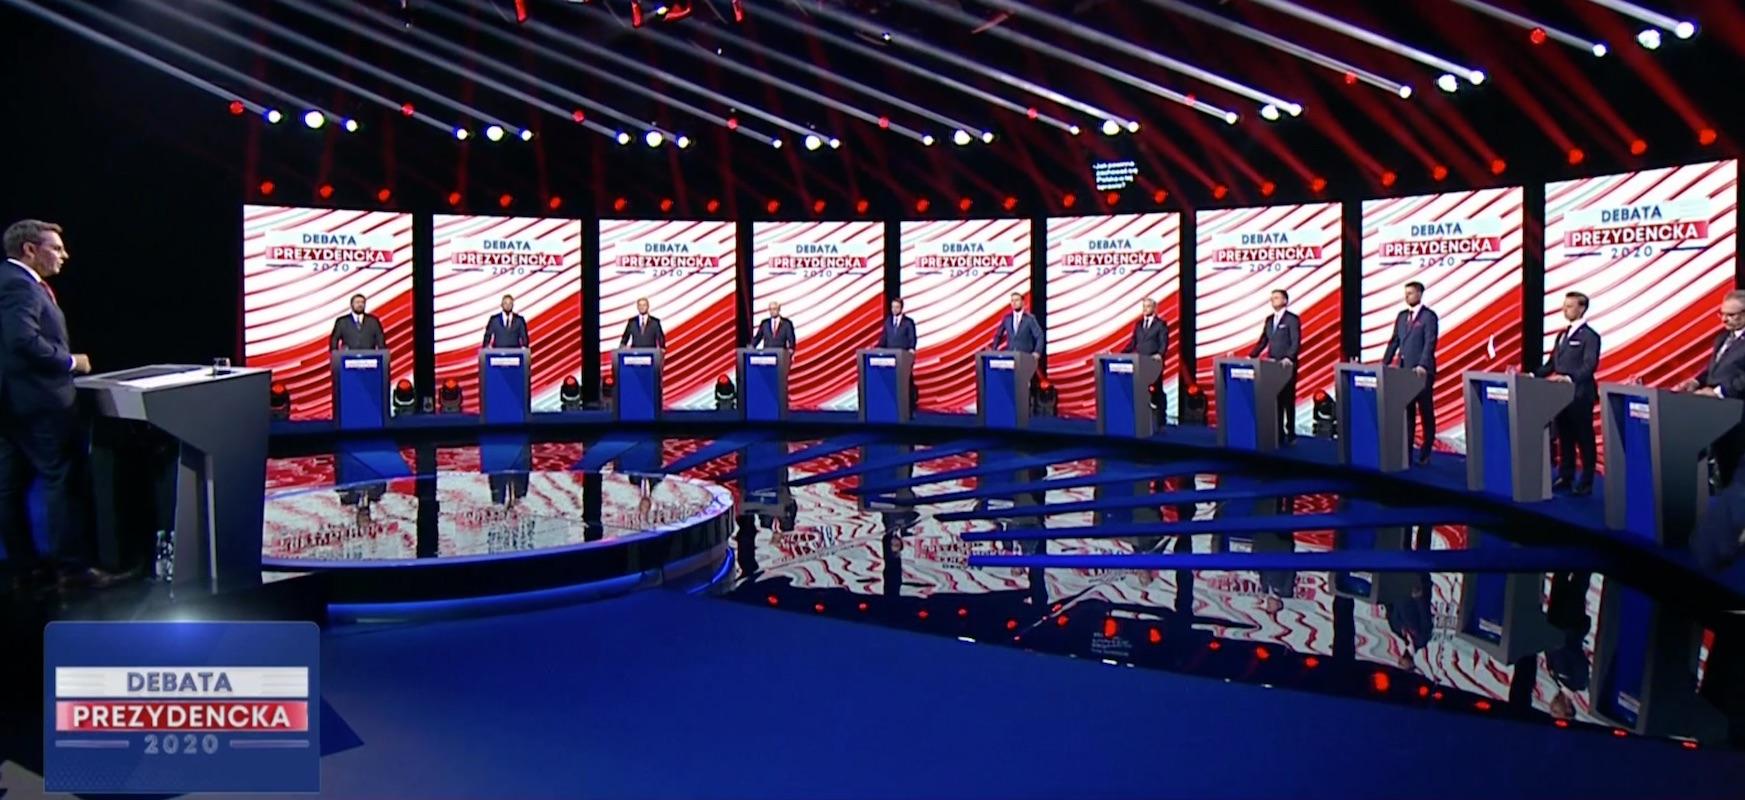 """Trzaskowskik irabazi zuen eztabaida.  TVPren erantzun azkarra: """"zunda baliogabea da, boten korrontea atzeman dugu"""""""